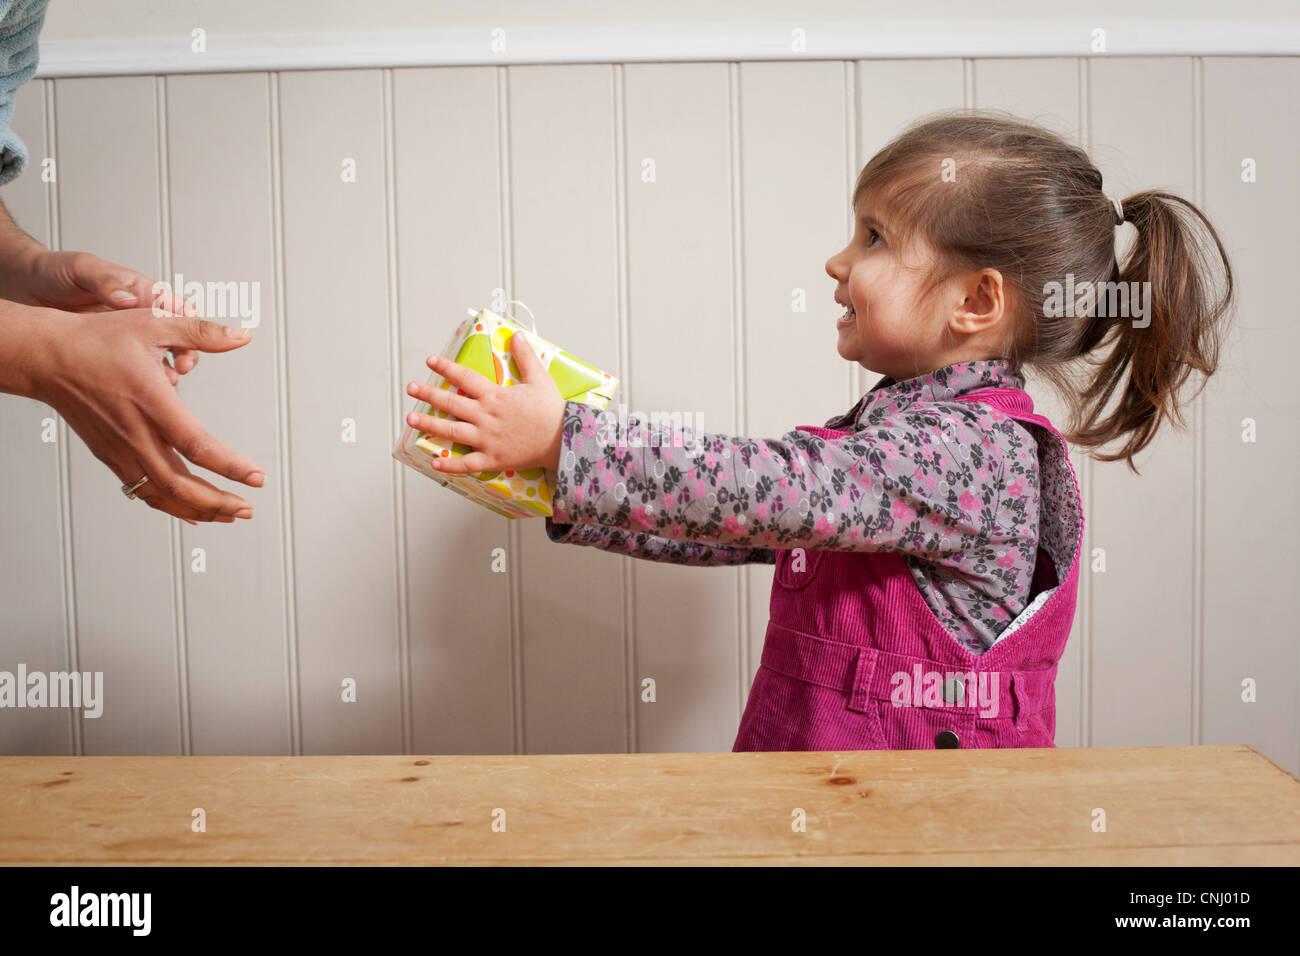 Petite fille donner un cadeau à l'adulte Photo Stock